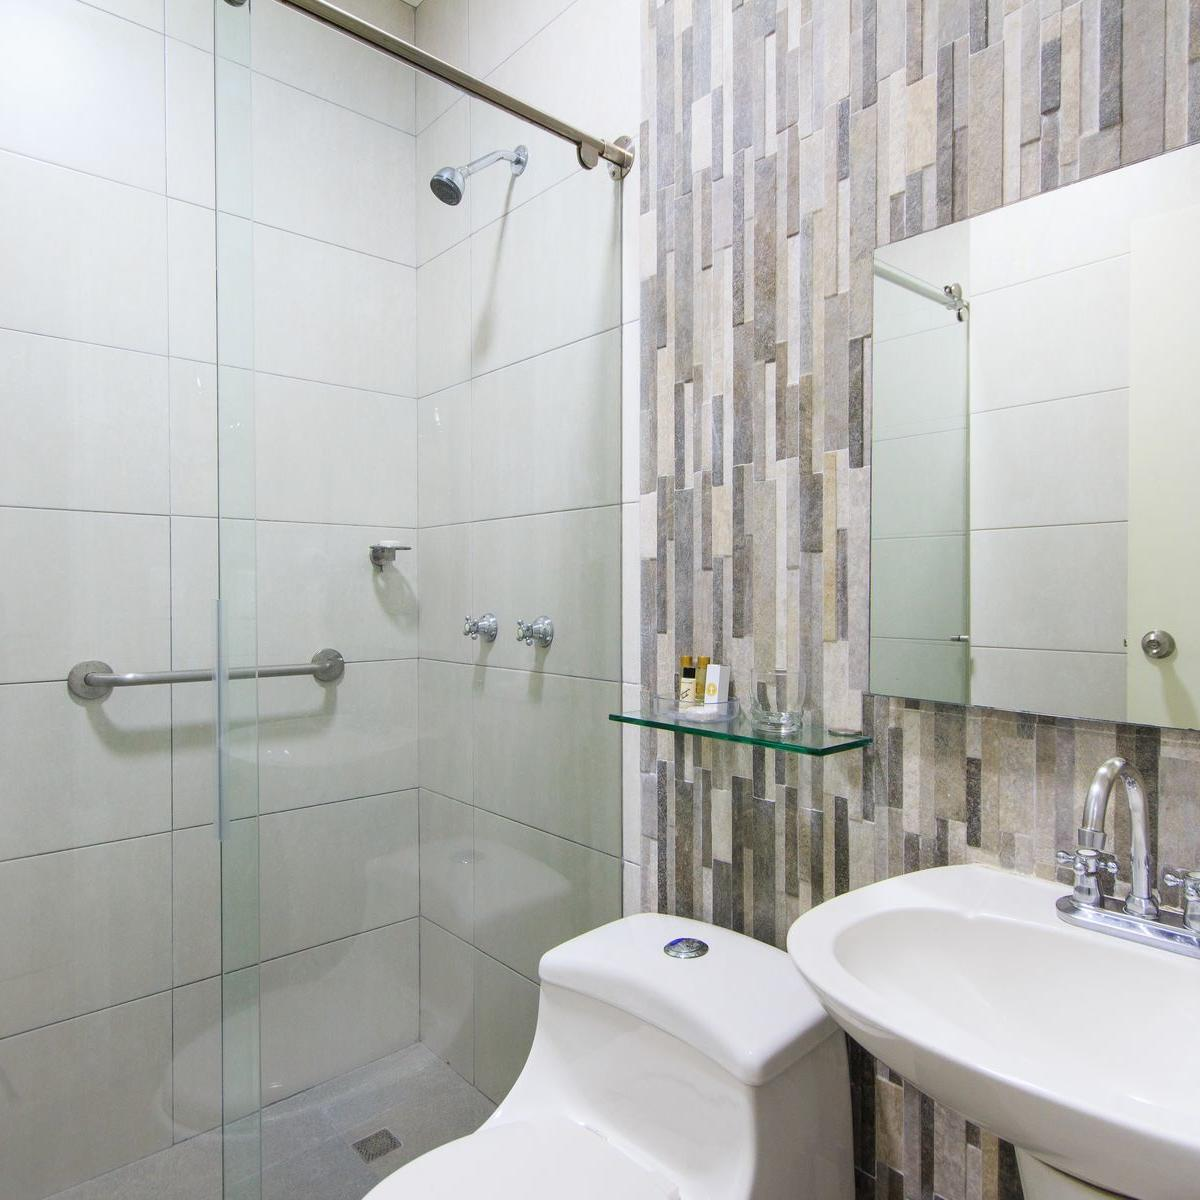 Room's Bathroom GIO Cartagena Hotel